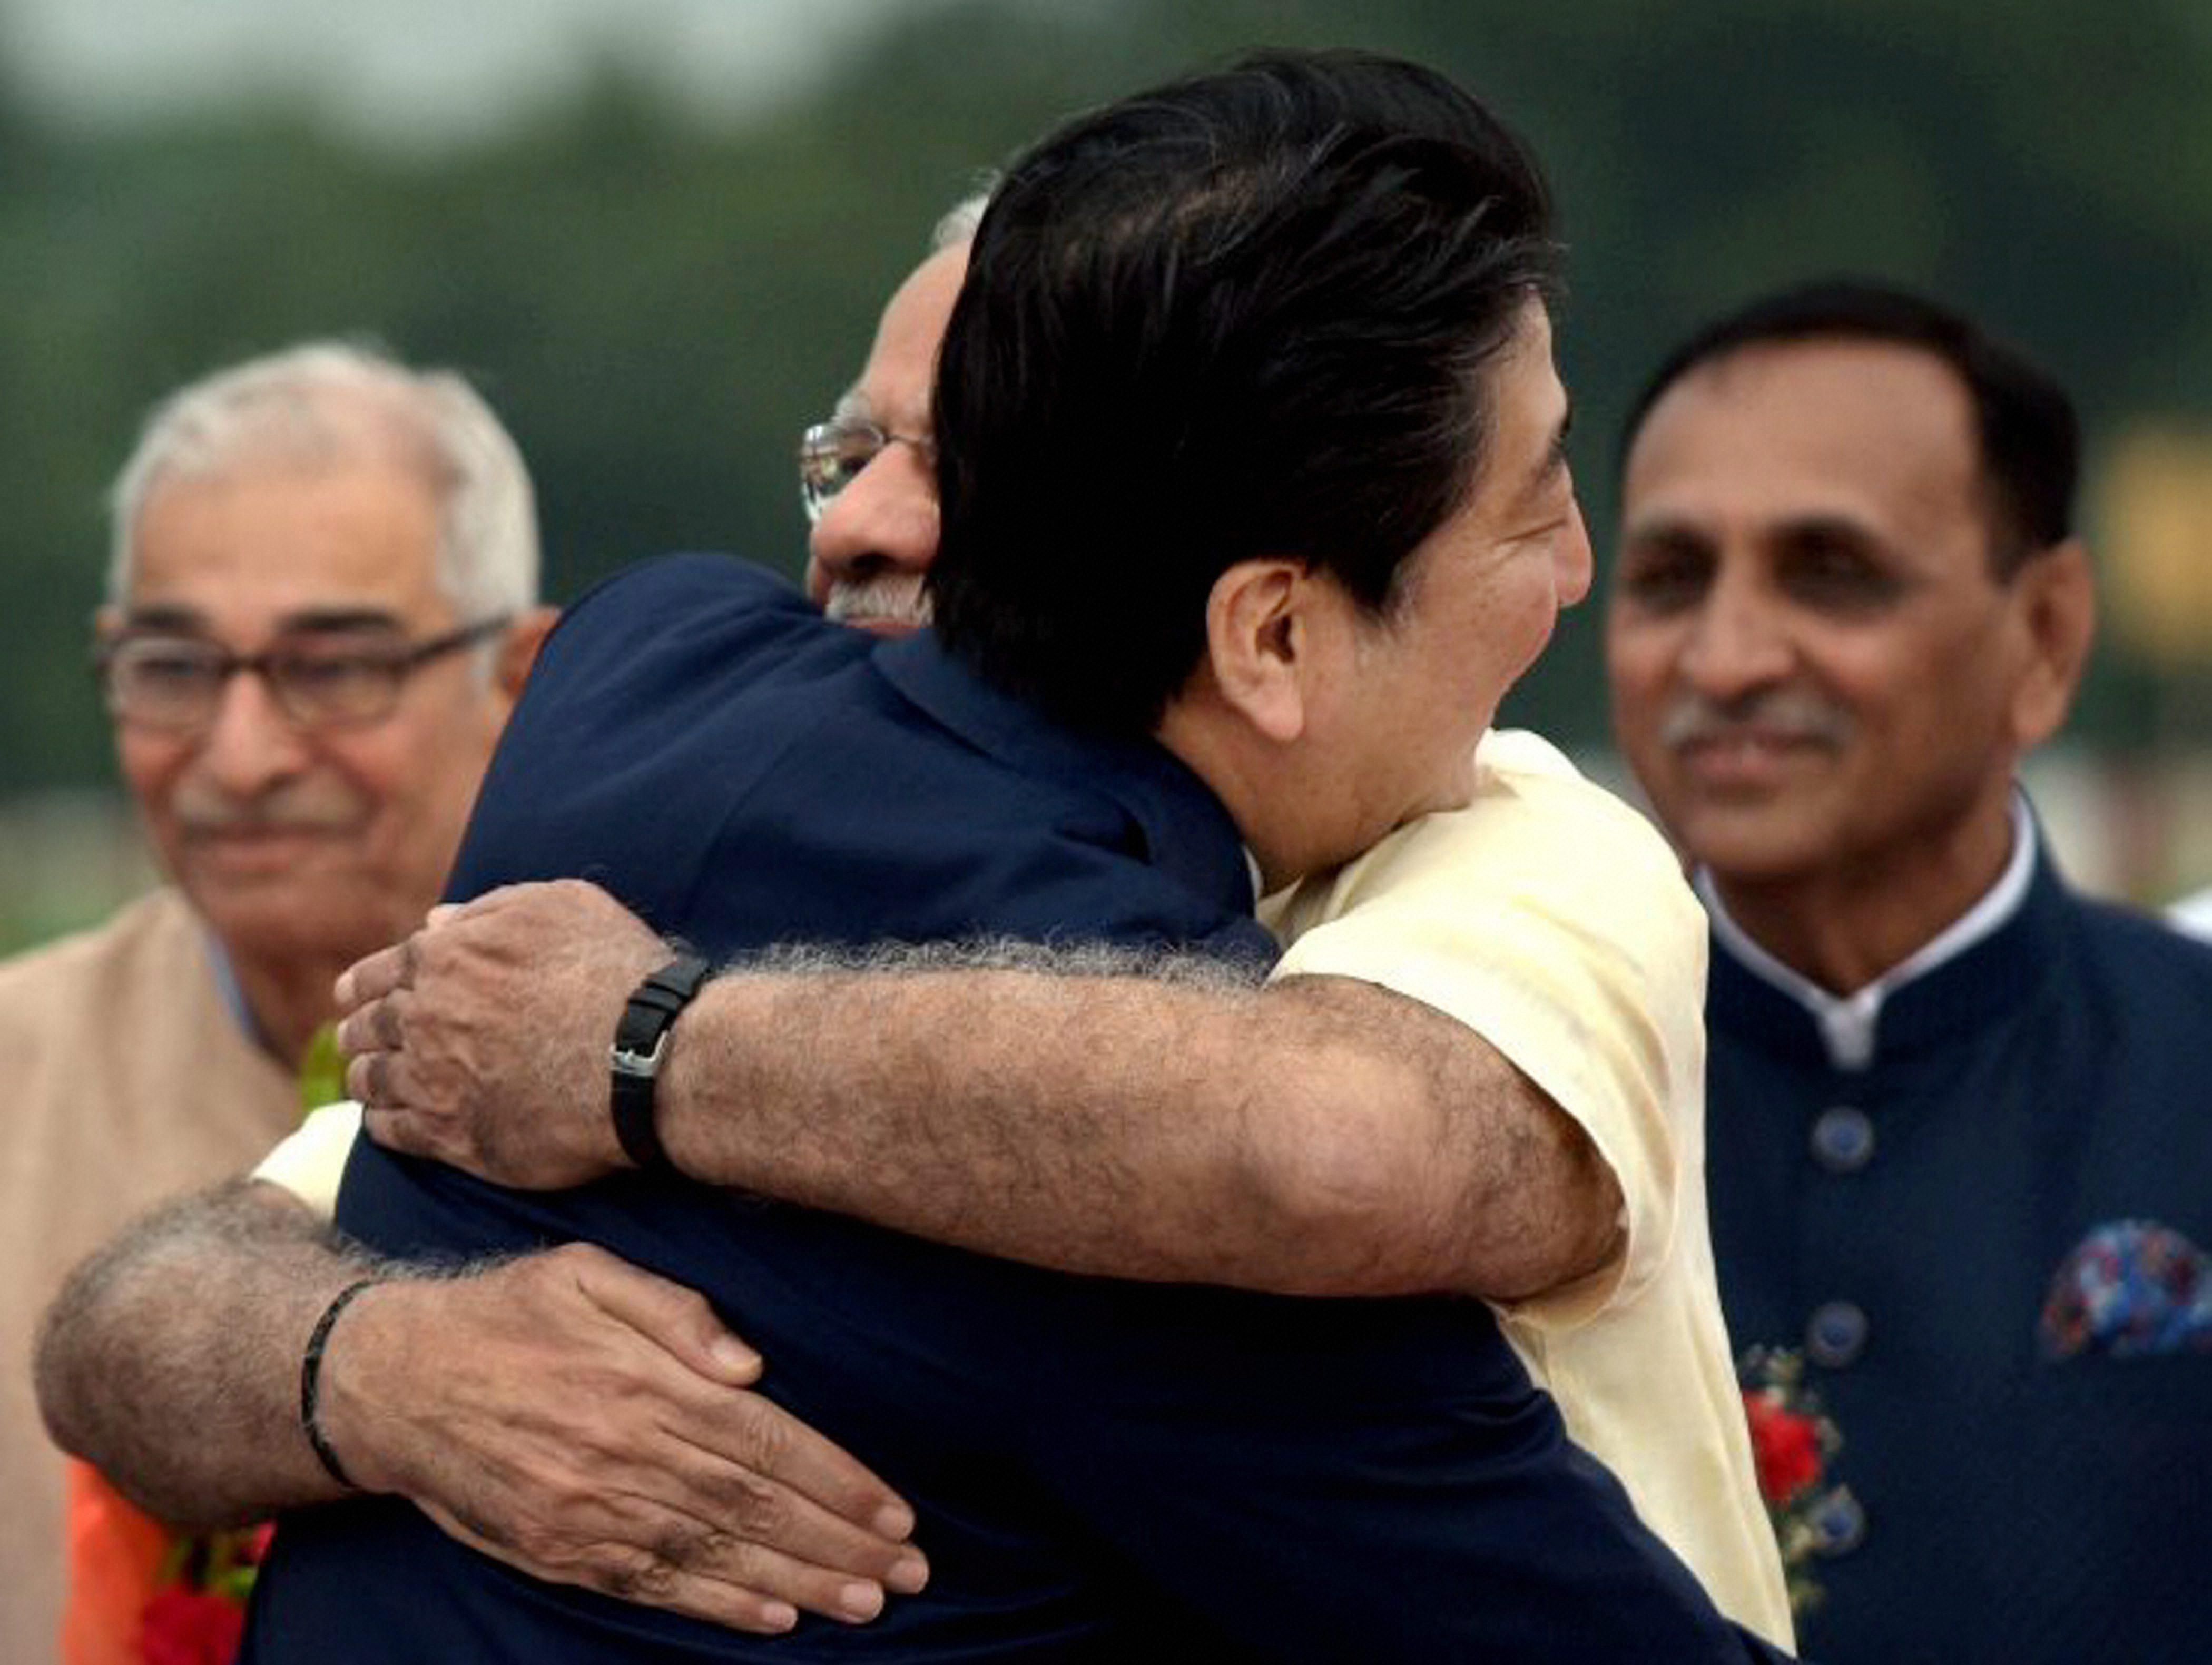 खुली जीप में आबे और मोदी का रोड शो, एयरपोर्ट पर PM ने दोस्त को दी 'जादू की झप्पी'